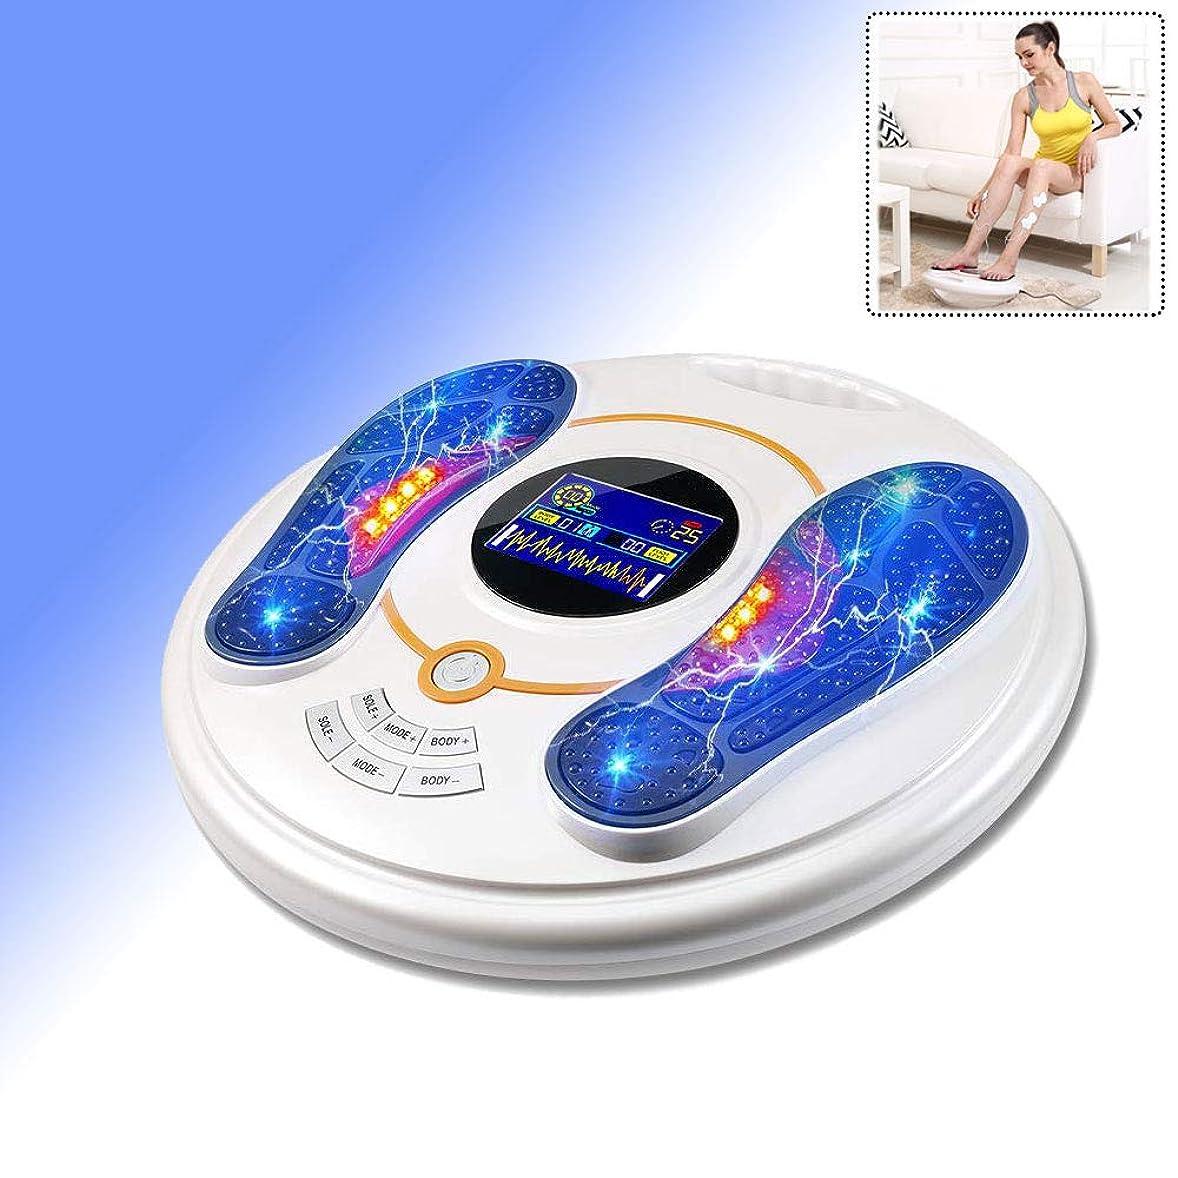 算術とまり木アクセント医療用フットマッサージマシン、EMSおよびTENS刺激装置を使用した足循環装置により、硬直した筋肉と足の痛みを緩和